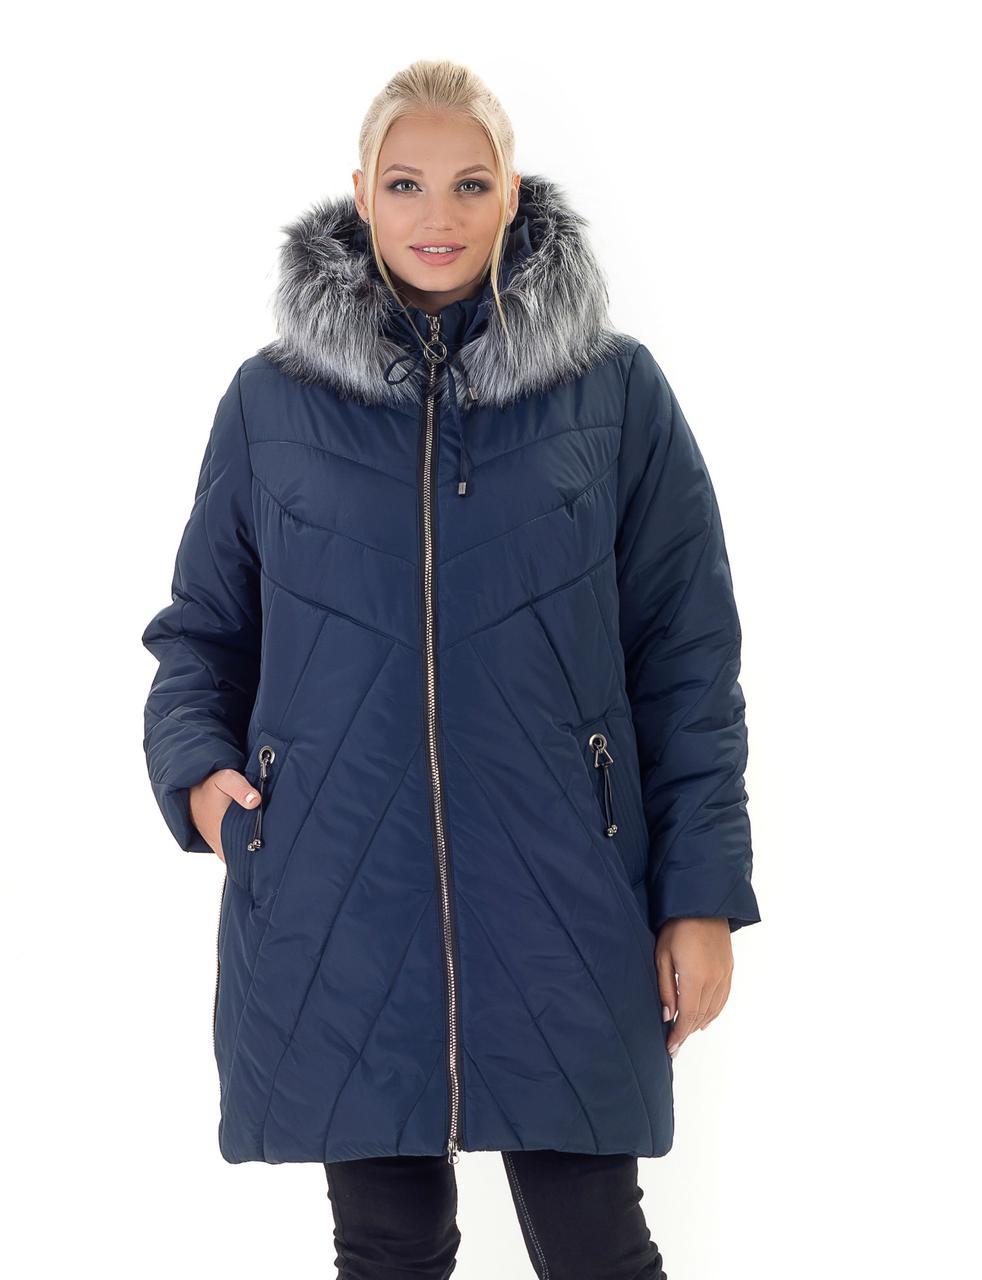 Женская зимняя куртка с мехом Харьков